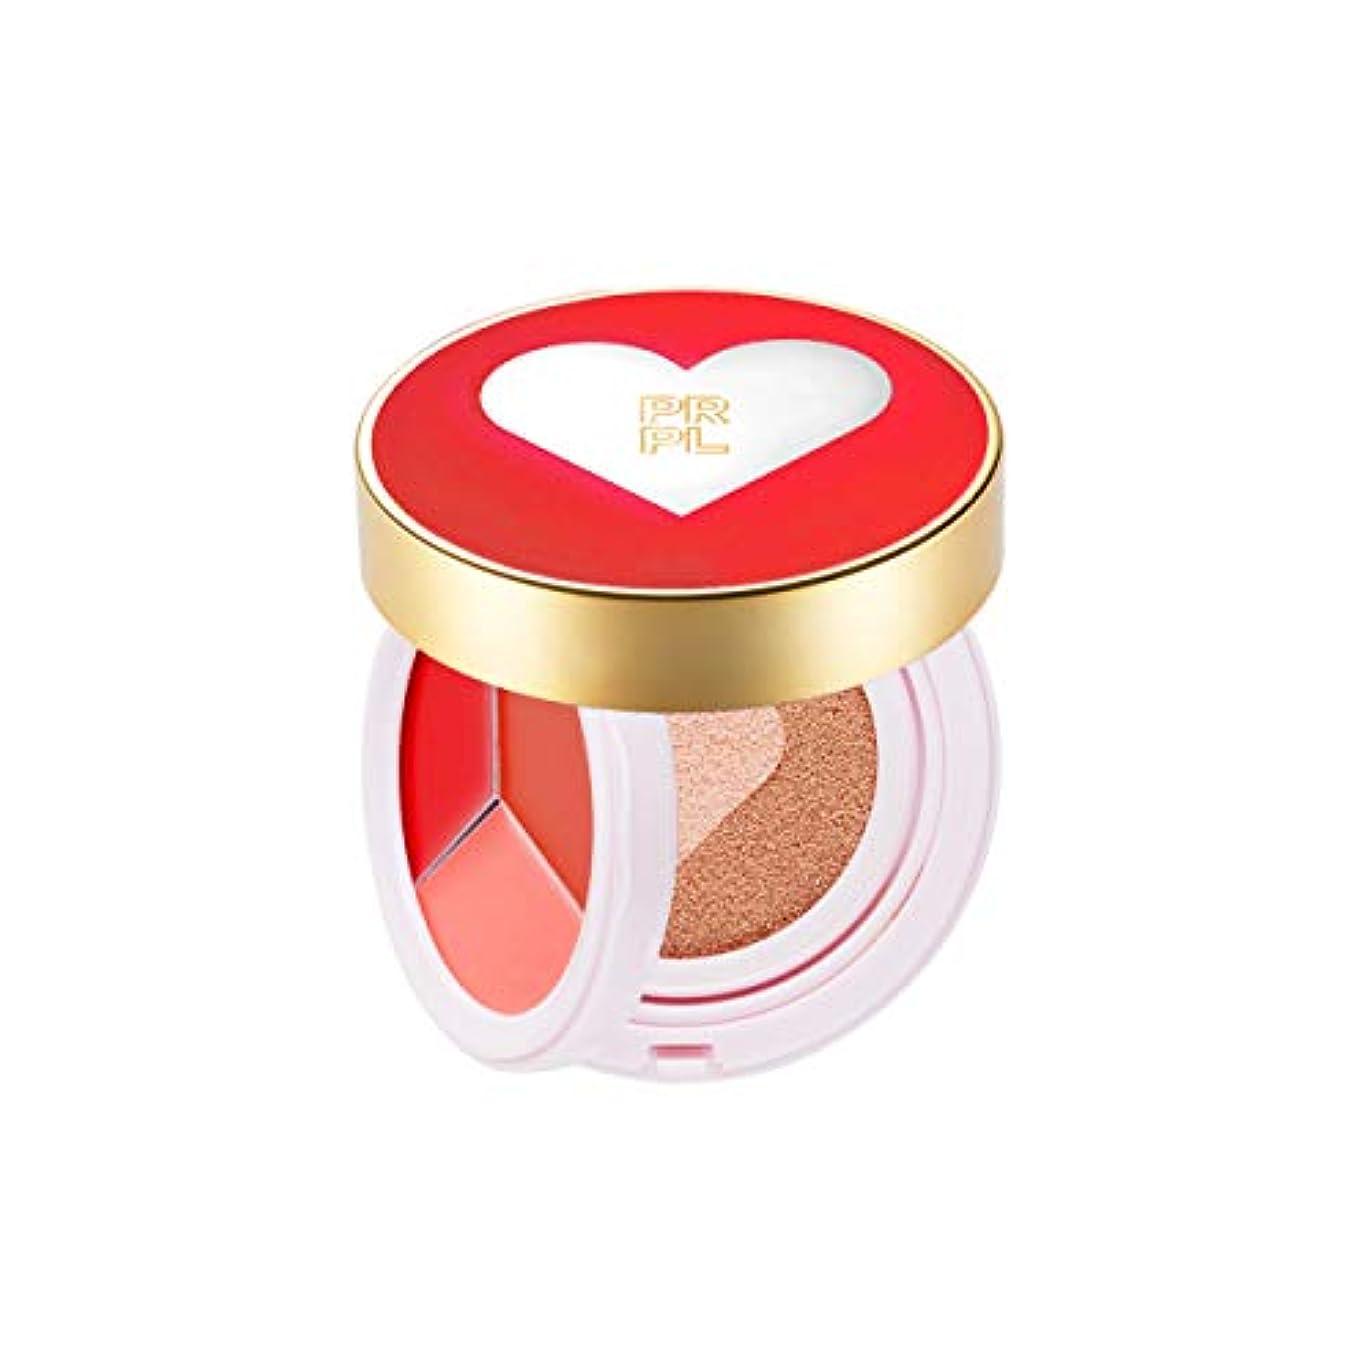 確実講師真空PRPL Kiss and Heart Double Cushion (Red Edition) #21 Pure Ivory - Korean Make-up, Cushion Foundation, Korean Beauty...